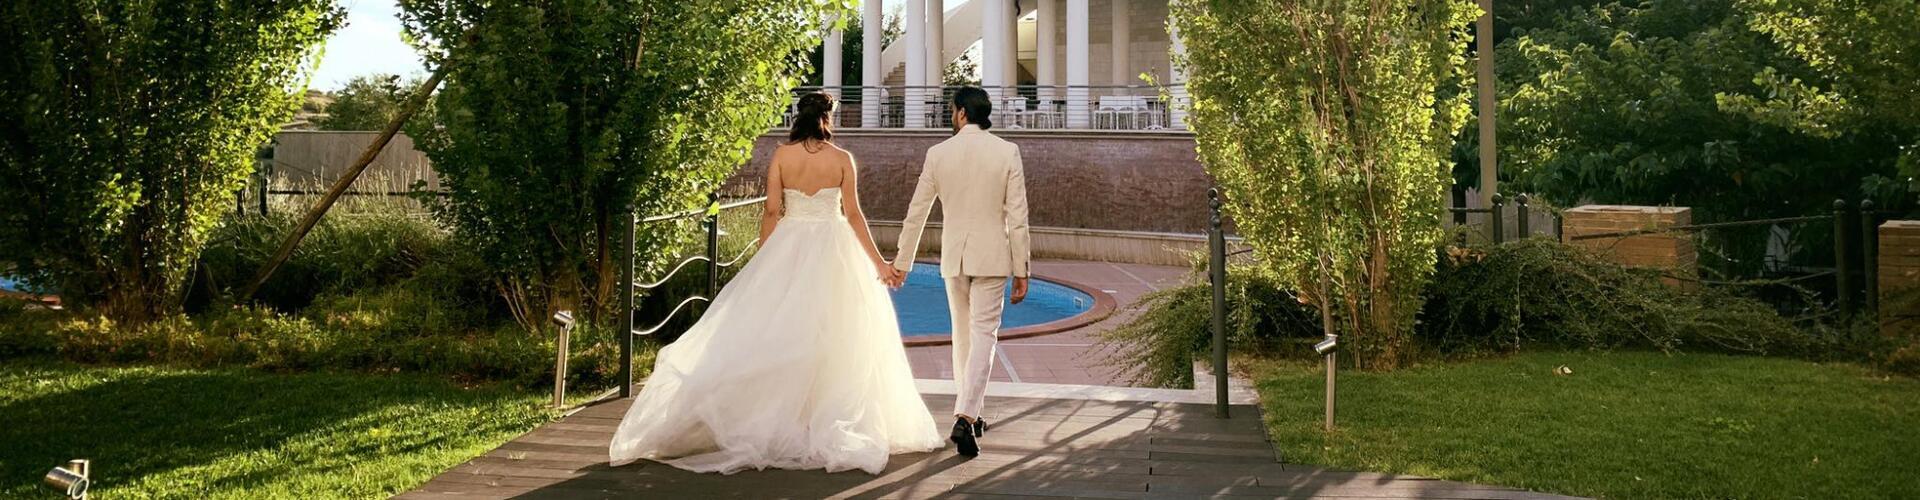 Fai dei tuoi desideri realtà: Speciale wedding day in hotel con spa e suite nuziale